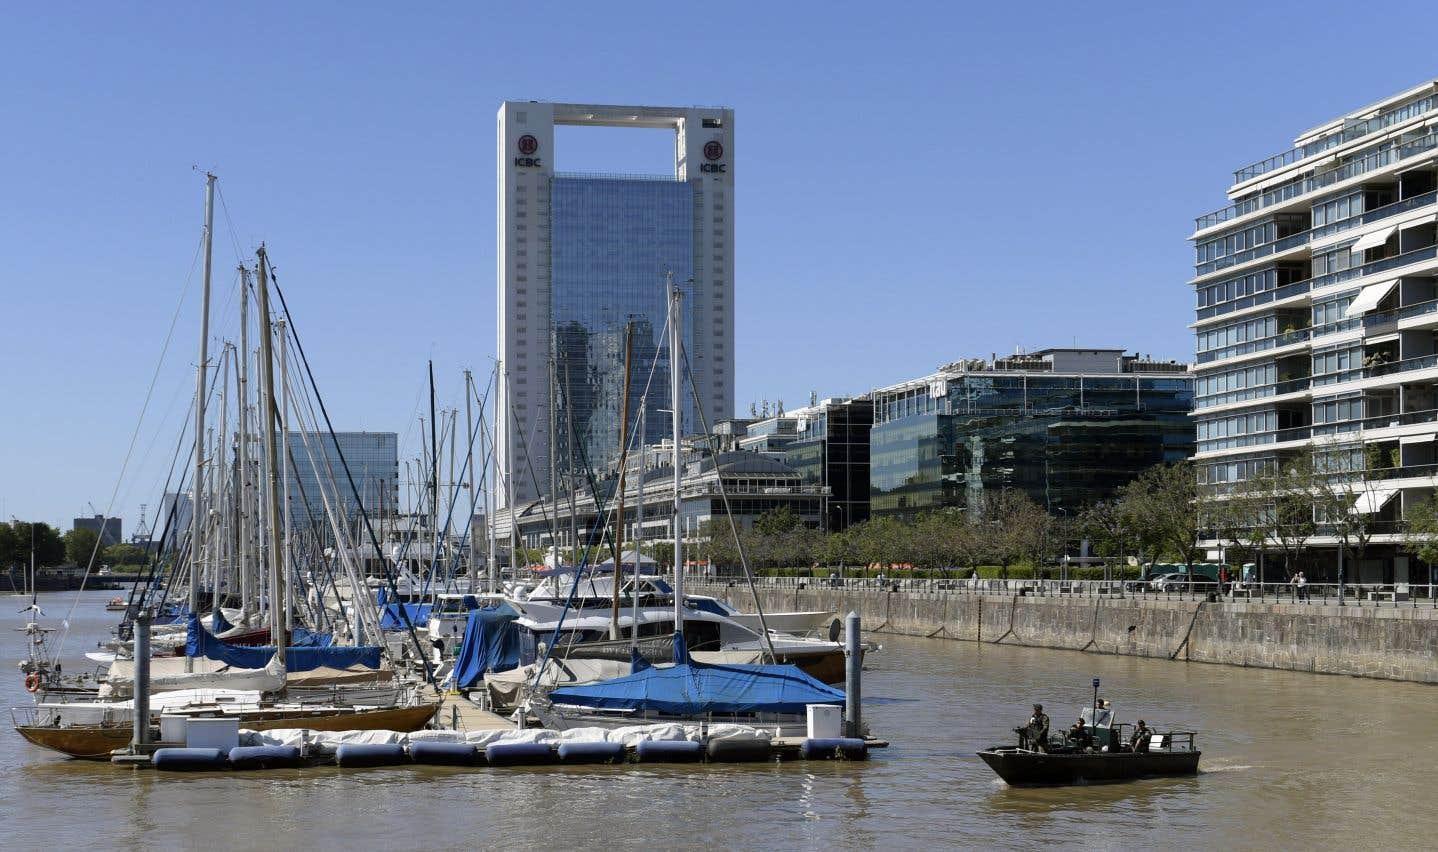 La préfecture navale patrouille dans la zone de Puerto Madero, à Buenos Aires, où se tient la conférence ministérielle de l'OMC.